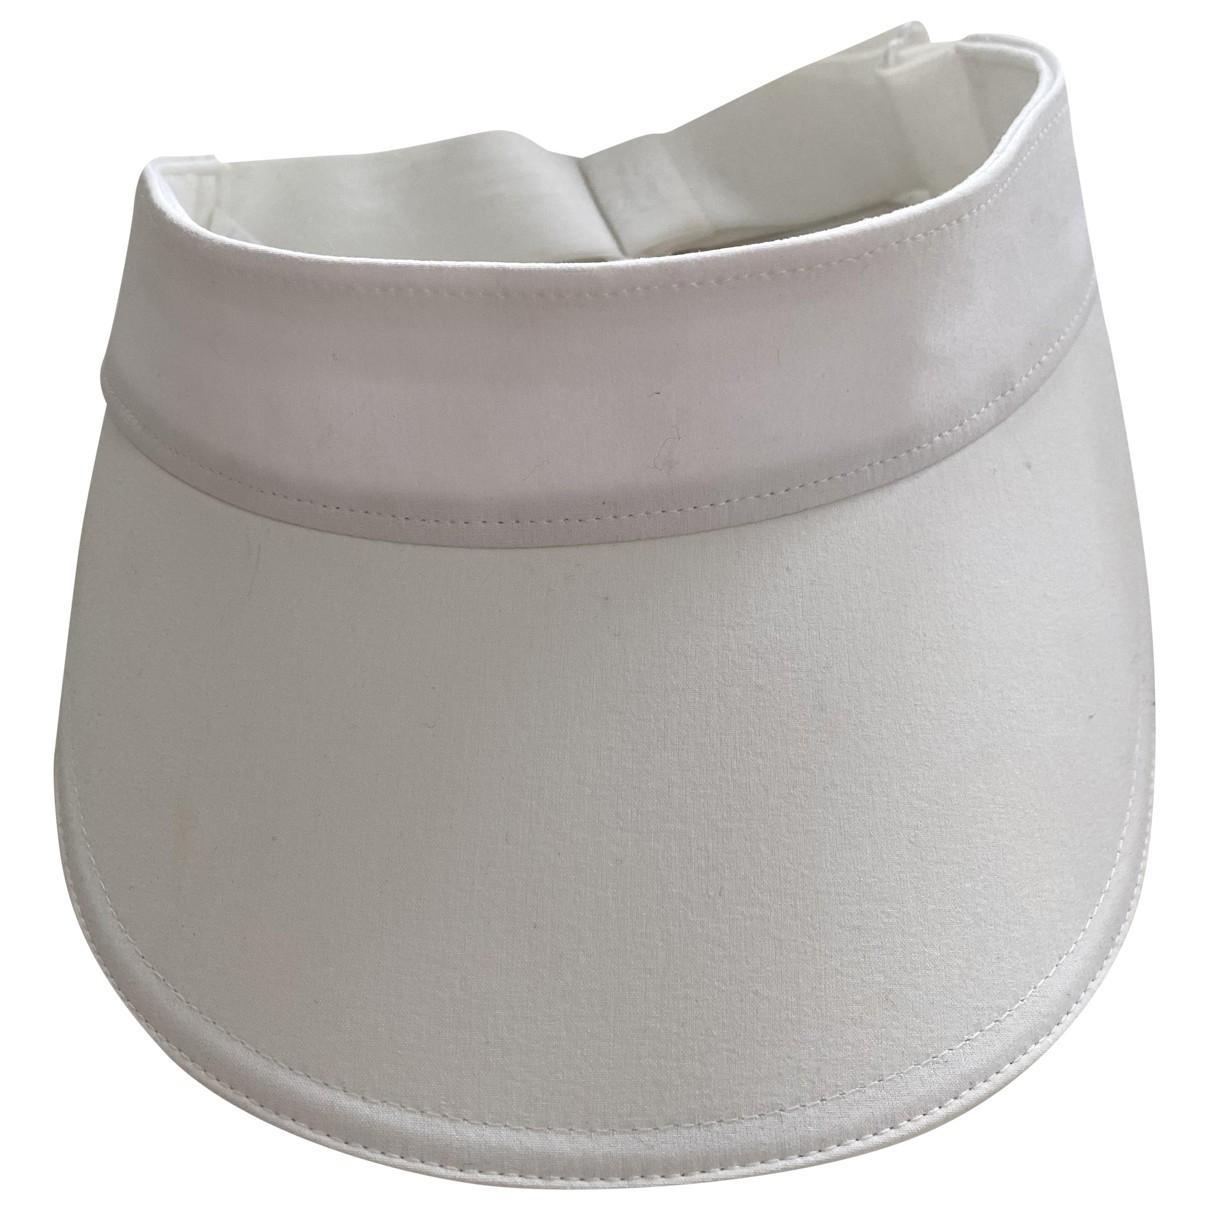 Lululemon \N White hat for Women S International